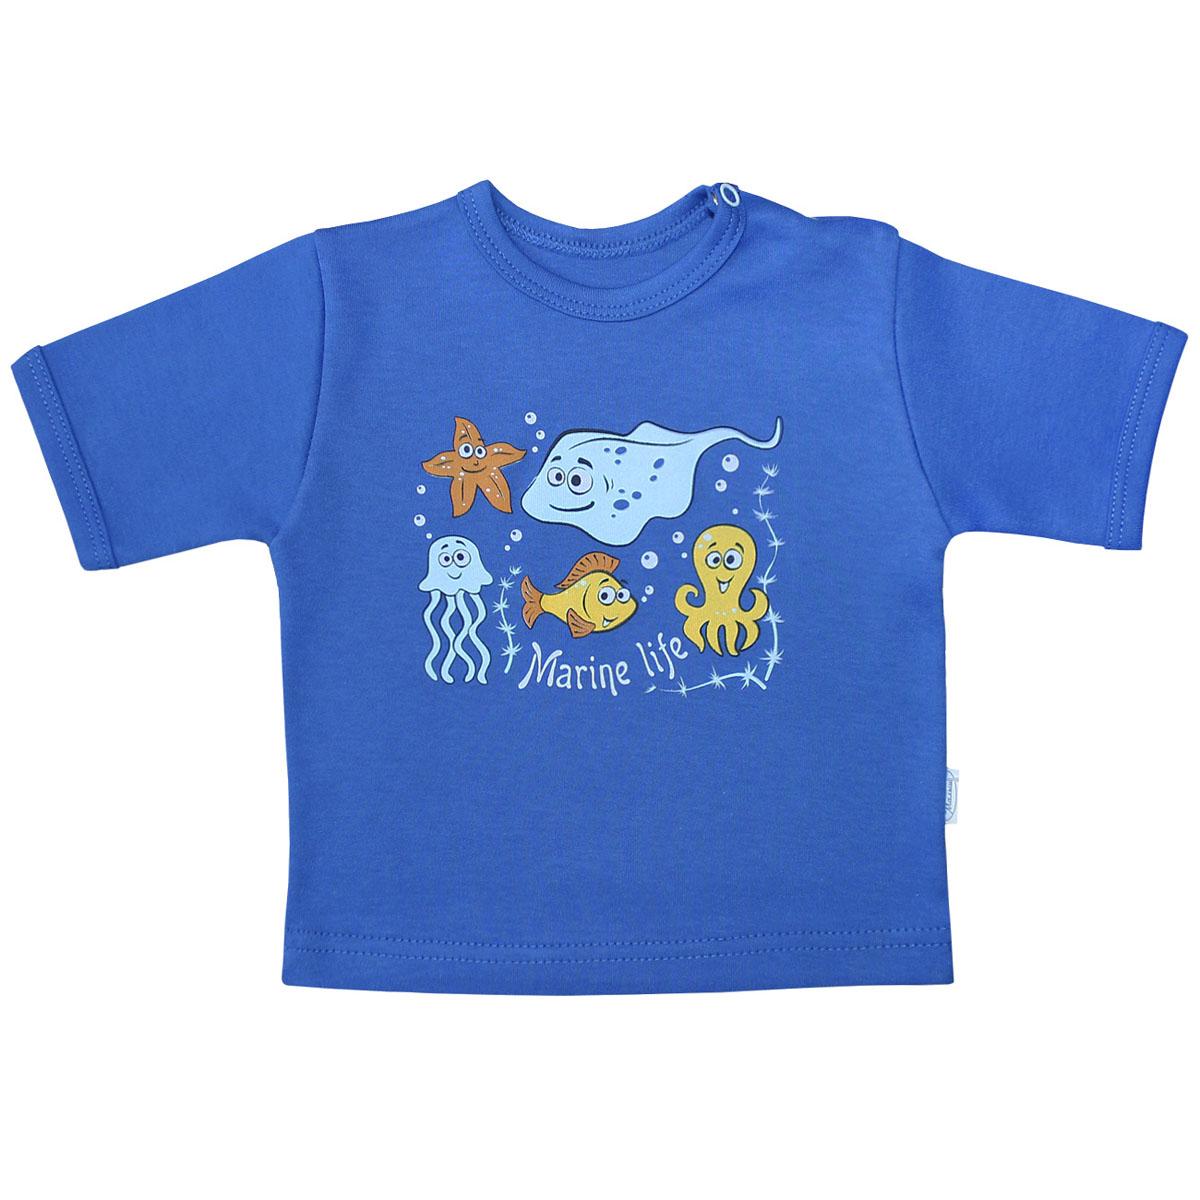 Футболка для мальчика Веселый малыш Морская жизнь, цвет: синий. 67322/мж-C (1). Размер 68 вилт малыш синий стд0308